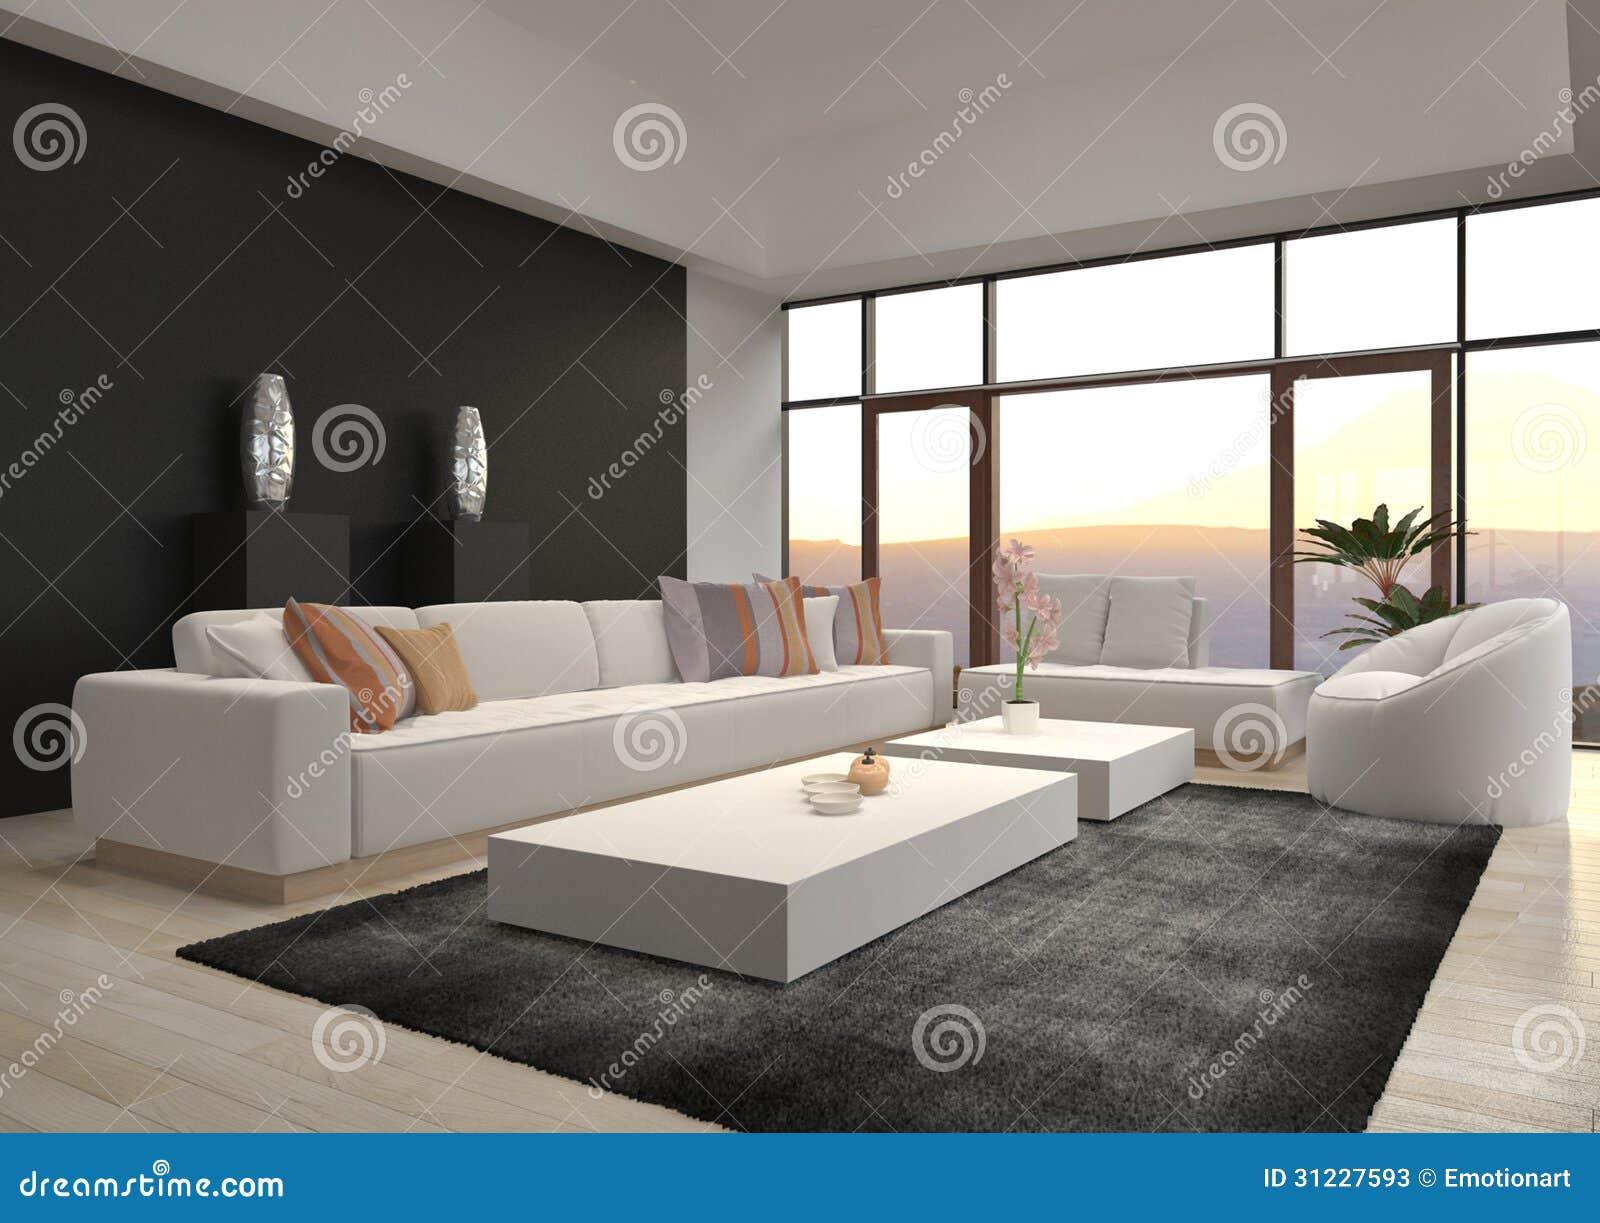 Salon moderne impressionnant de grenier int rieur d for Decoration interieur moderne salon